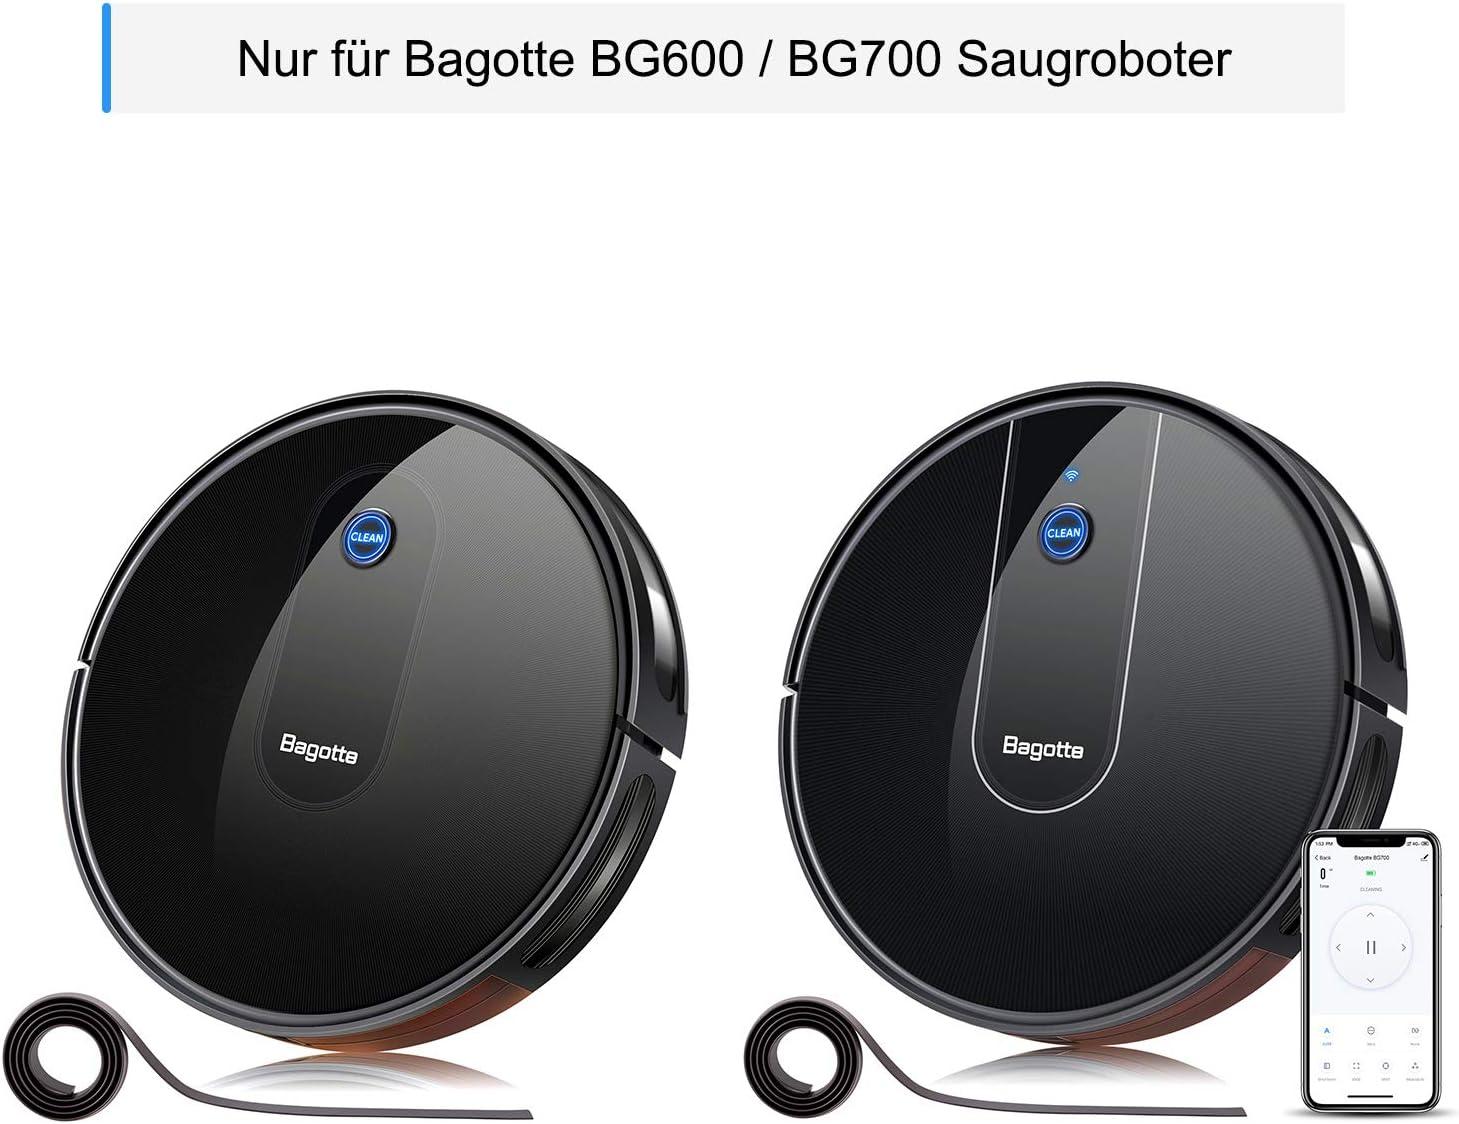 Bagotte BG600 - Accesorio para robot aspirador (4 cepillos laterales, 2 filtros HEPA, 1 cepillo central): Amazon.es: Hogar